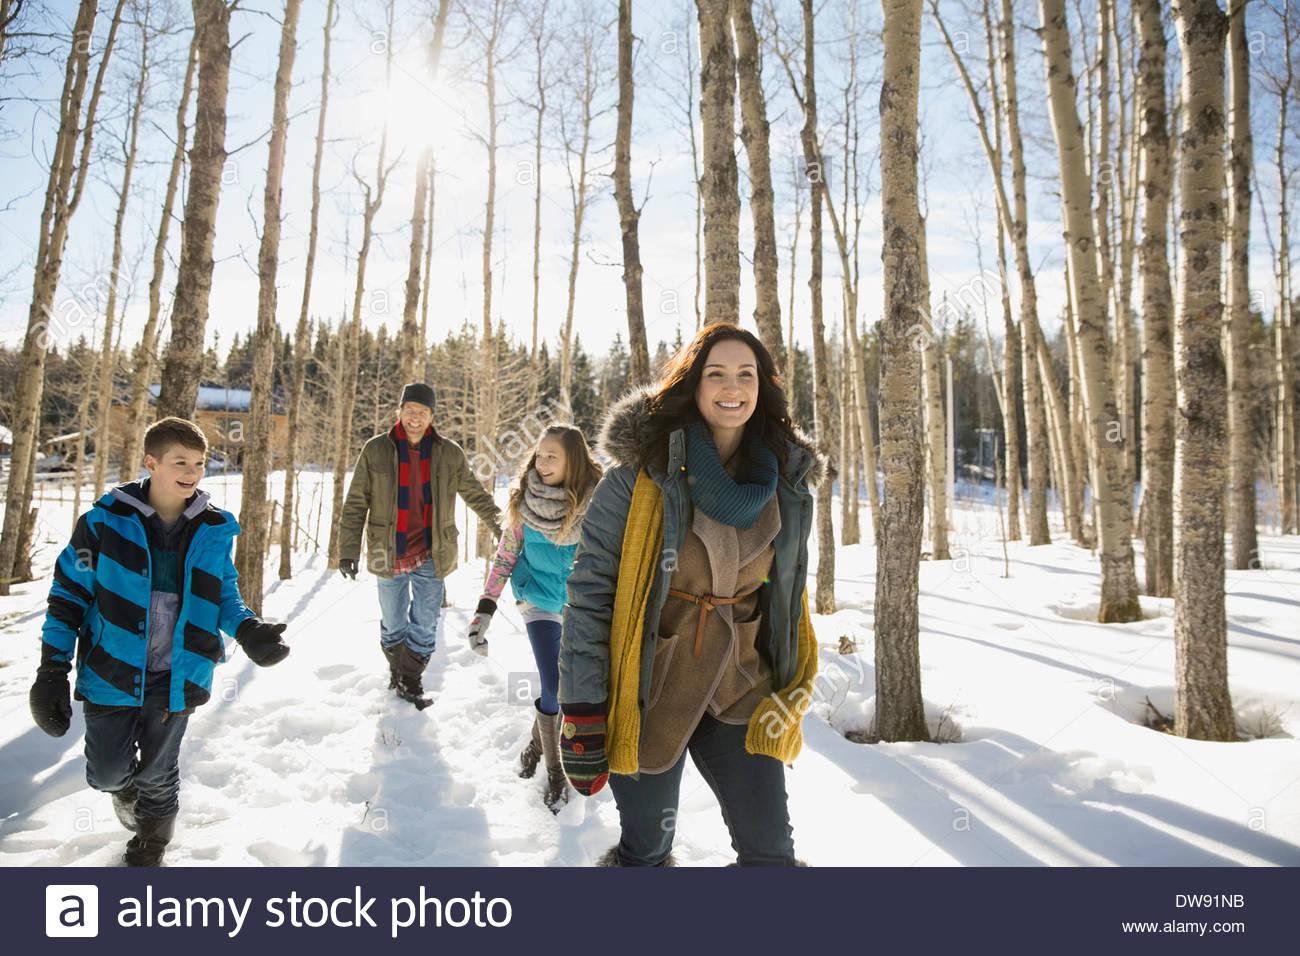 Familia caminando a través del bosque de invierno Imagen De Stock